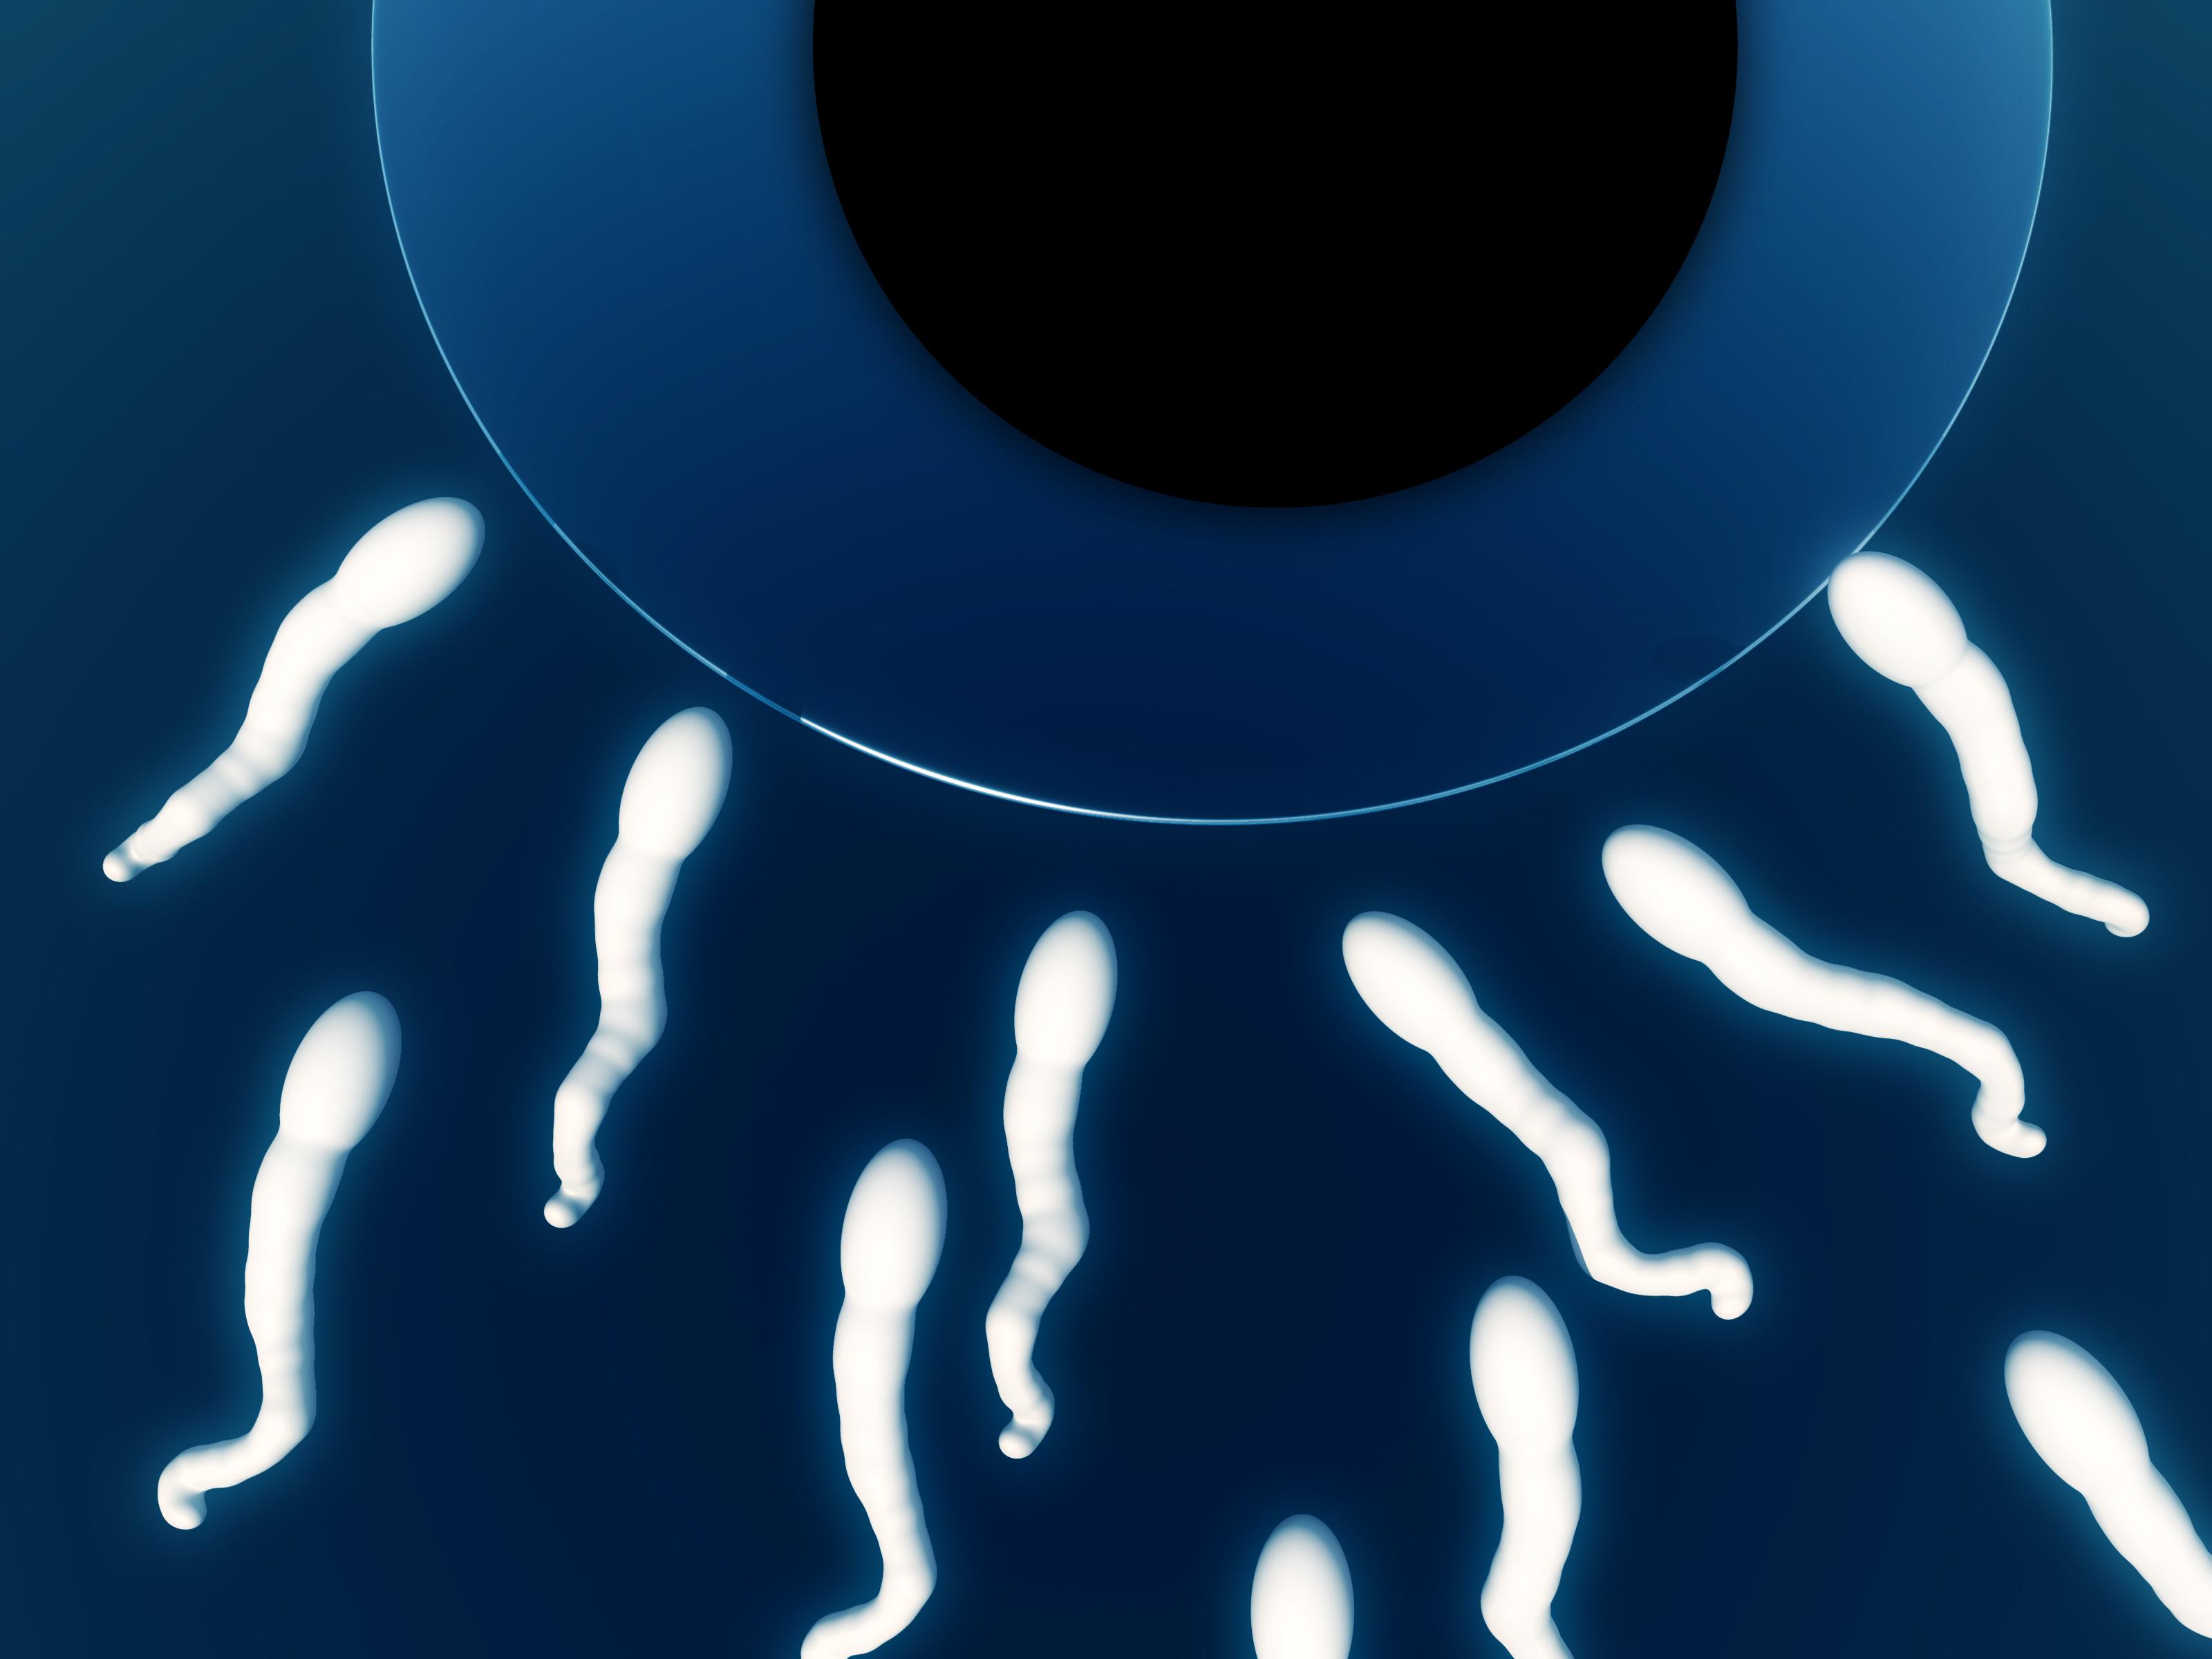 MACS – selekce spermií pomocí magnetického pole